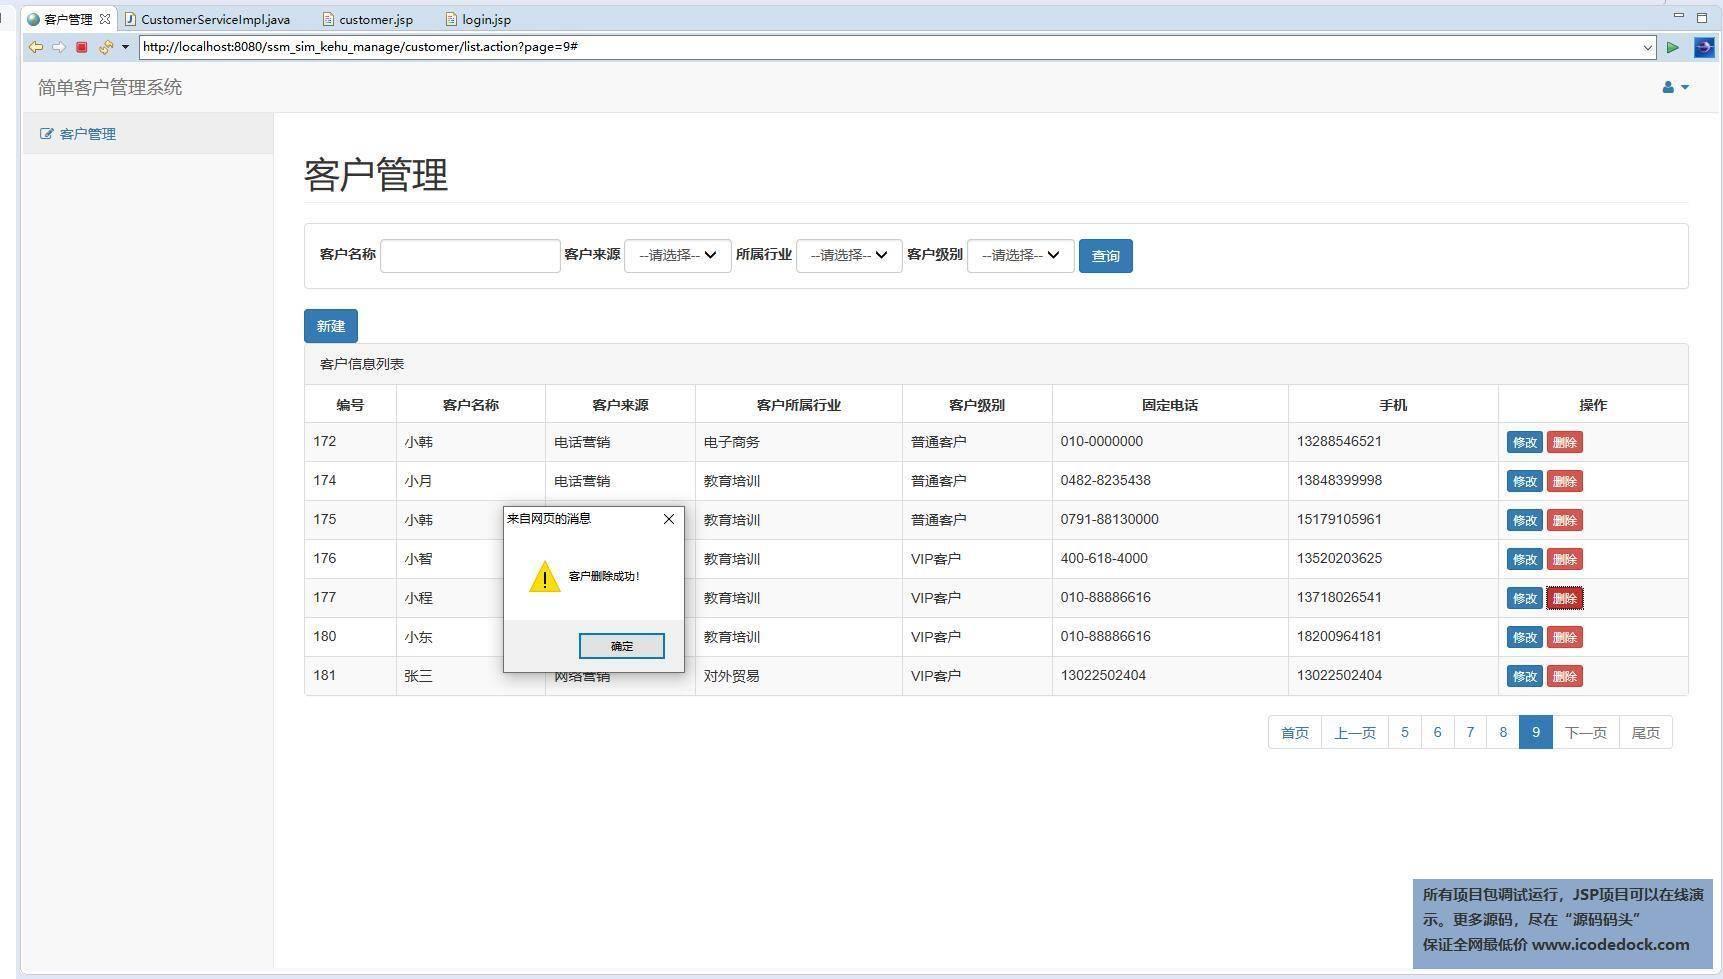 源码码头-SSM简单客户管理系统-管理员角色-删除客户